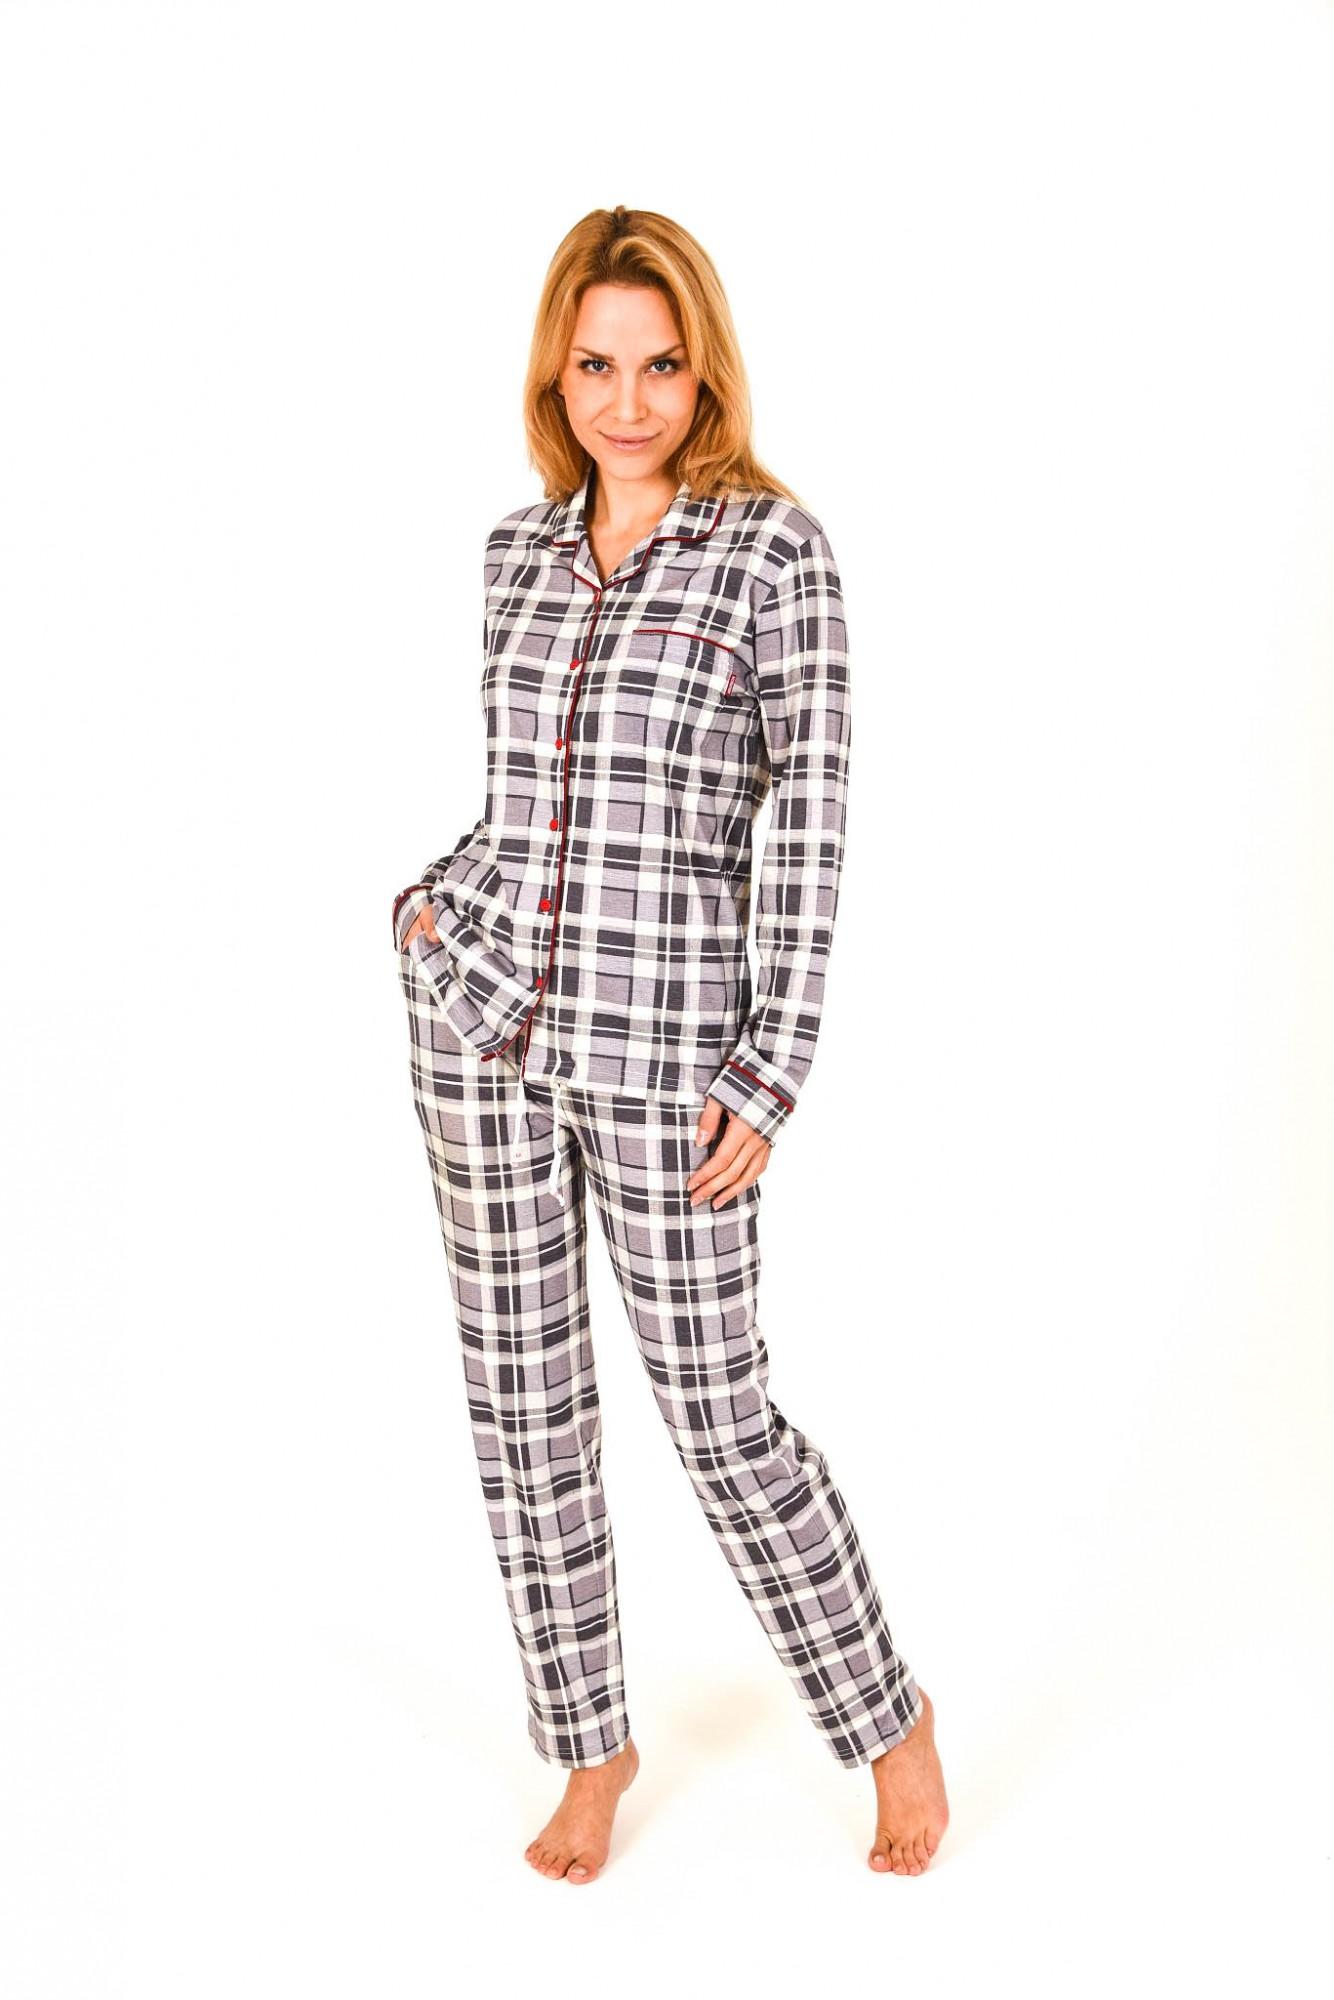 Damen Pyjama lang zum durchknöpfen im Karodesign